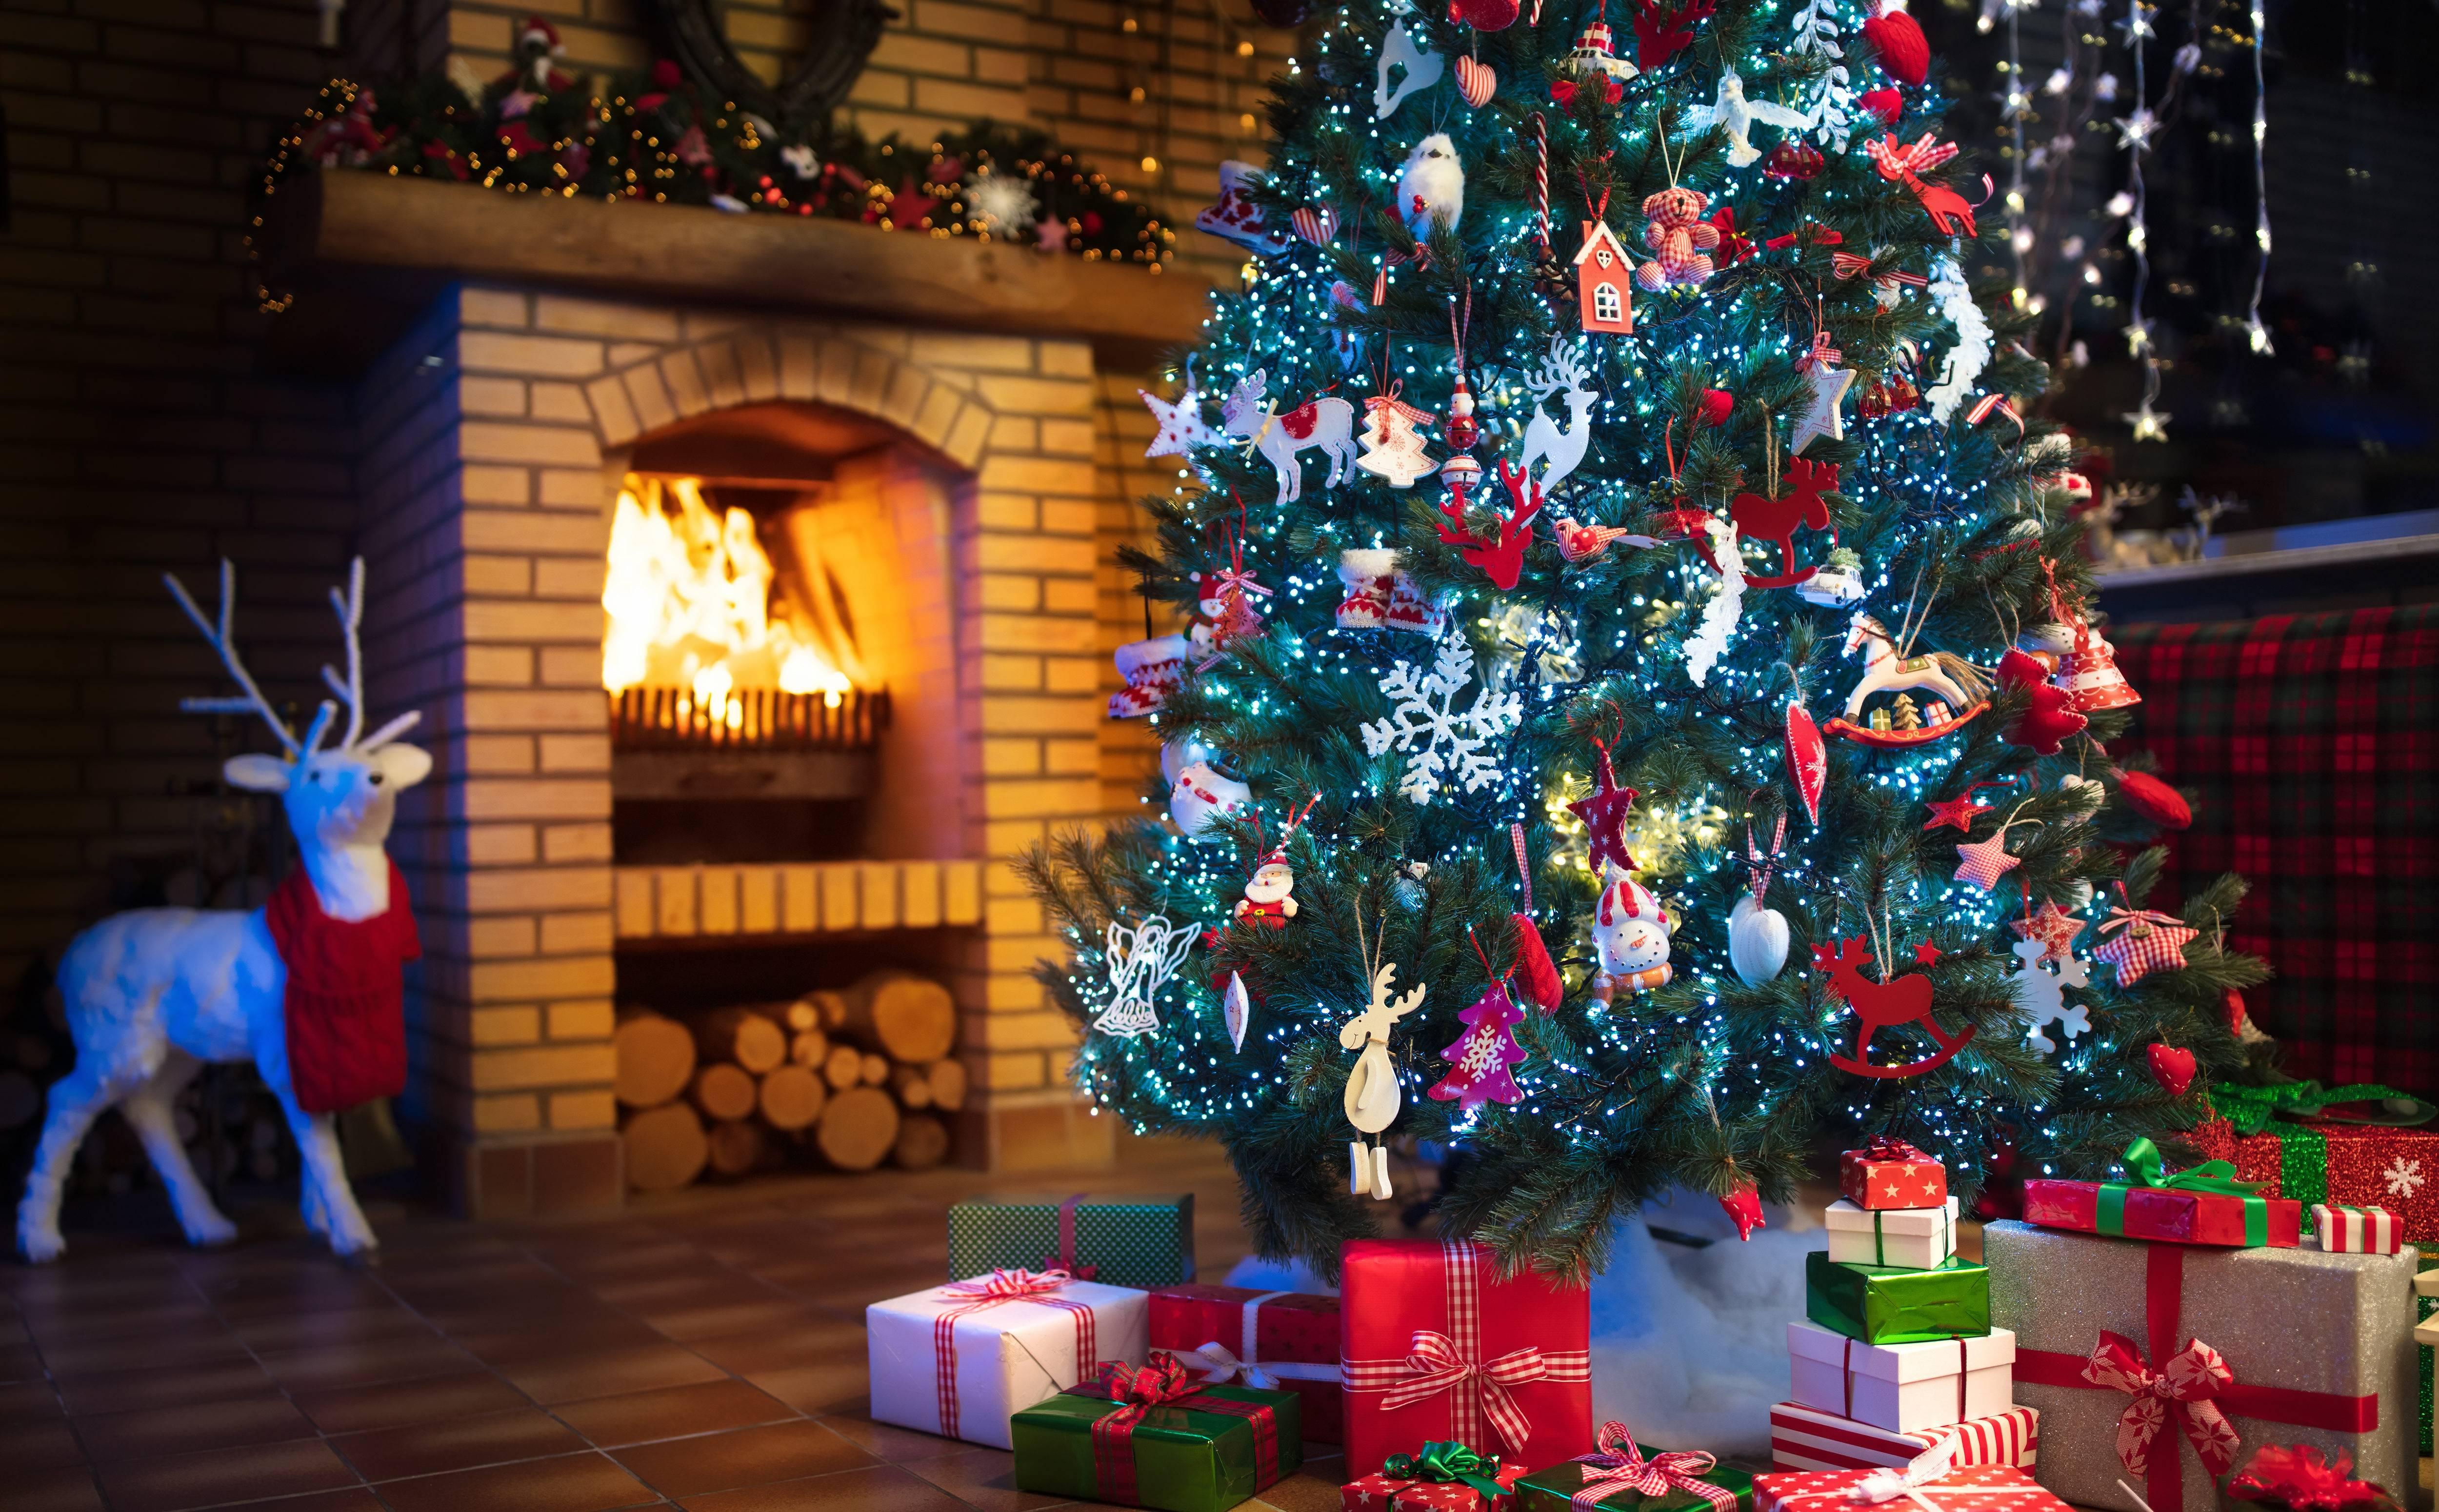 Елочные гирлянды (51 фото): новогодние свечи на елку времен ссср, как выбрать электрическую гирлянду на искусственную елку